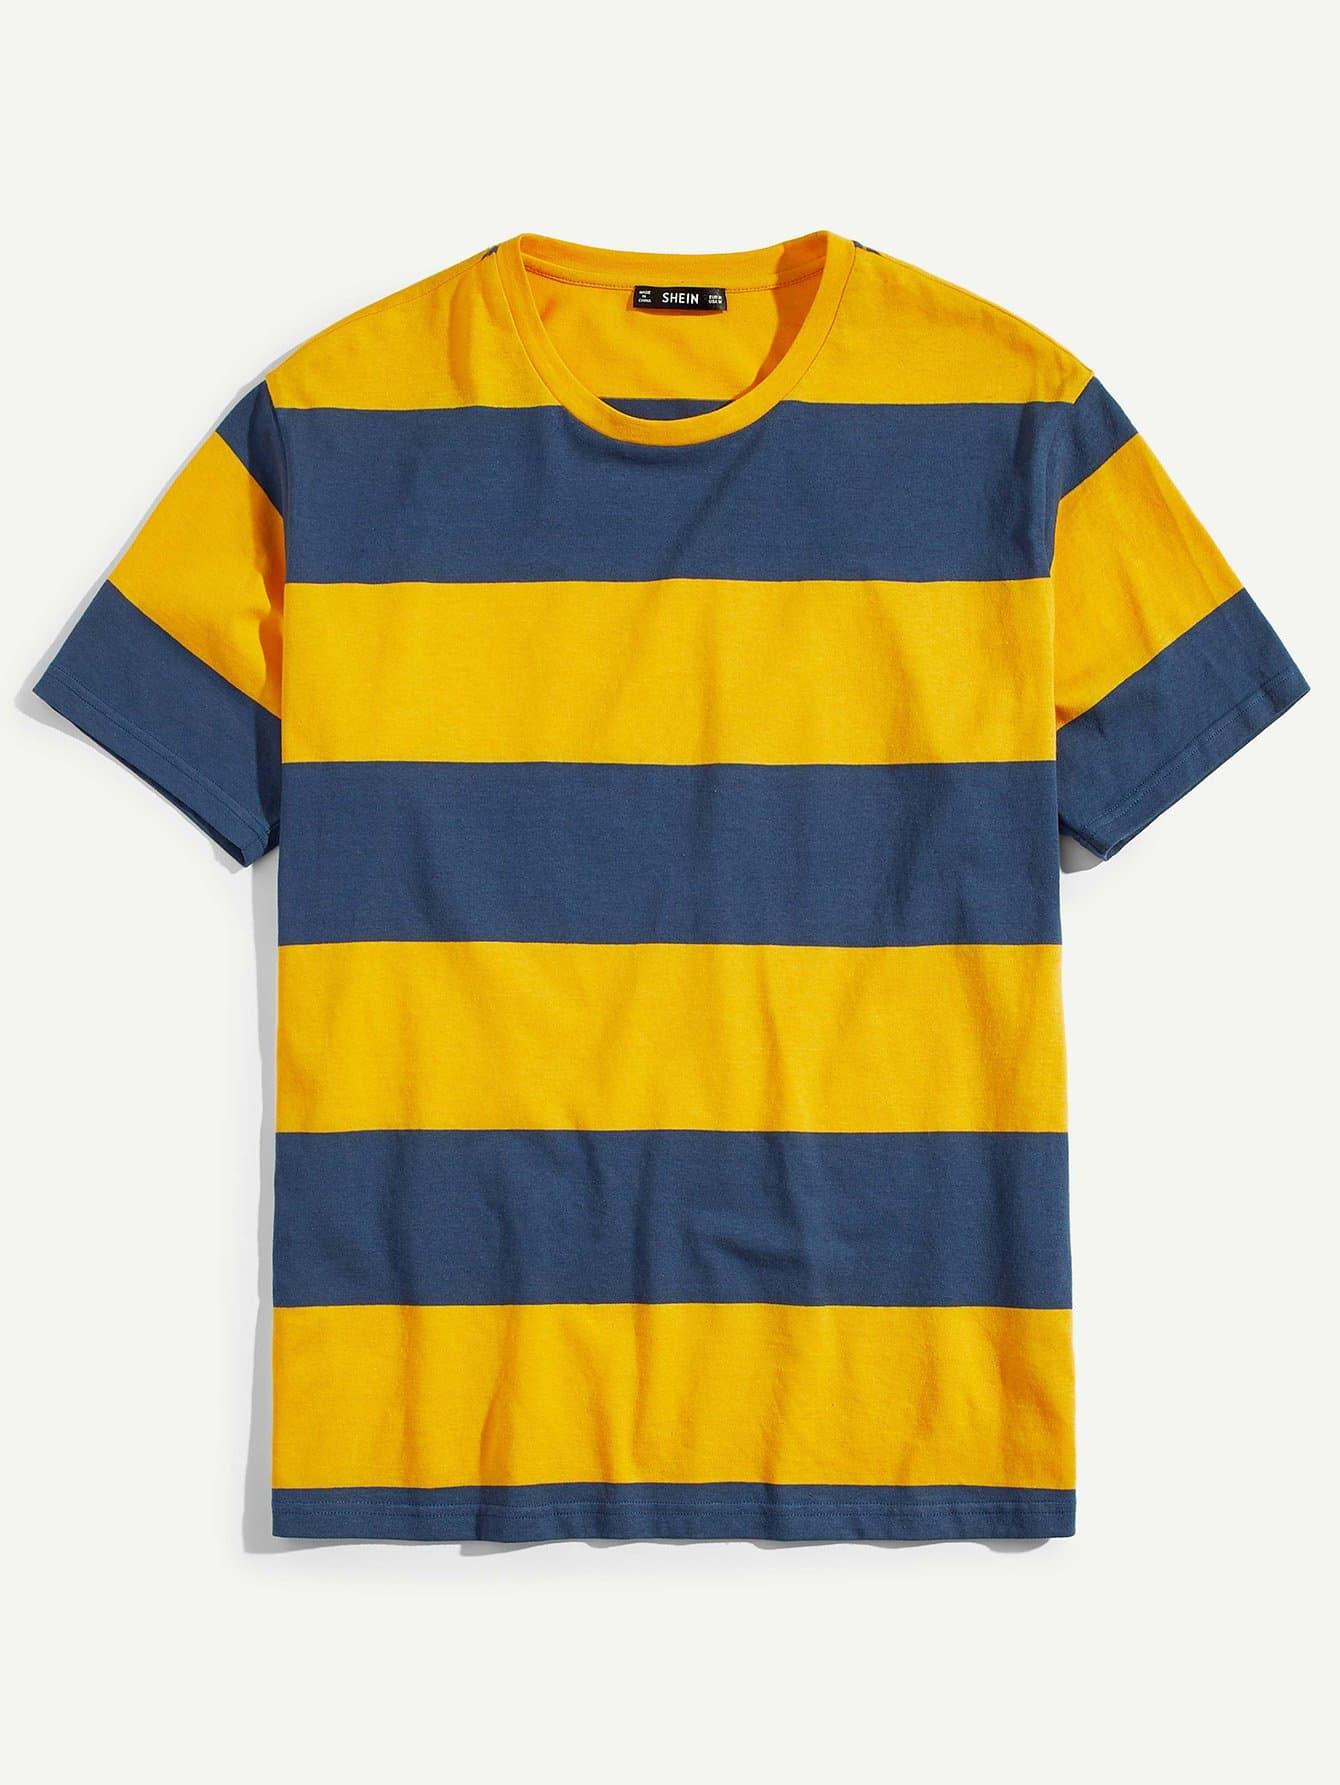 Купить Мужская футболка с двумя тонами с широкой полосой, null, SheIn